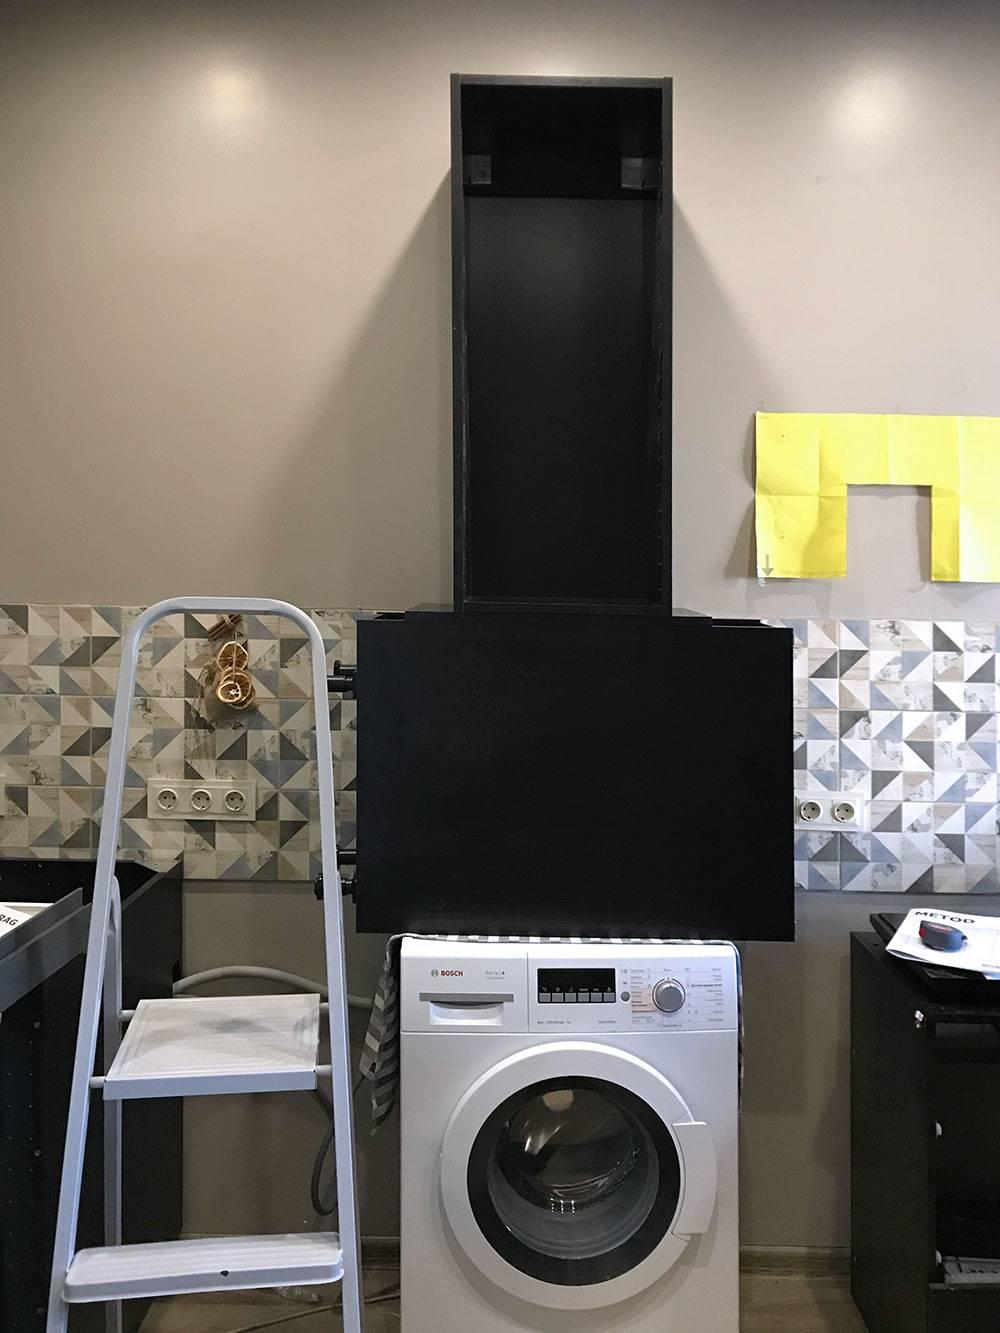 Чтобы наметить место дляшины, мы приложили один верхний каркас к стене. Держать его не хотелось — поставили на стиральную машину и еще один каркас